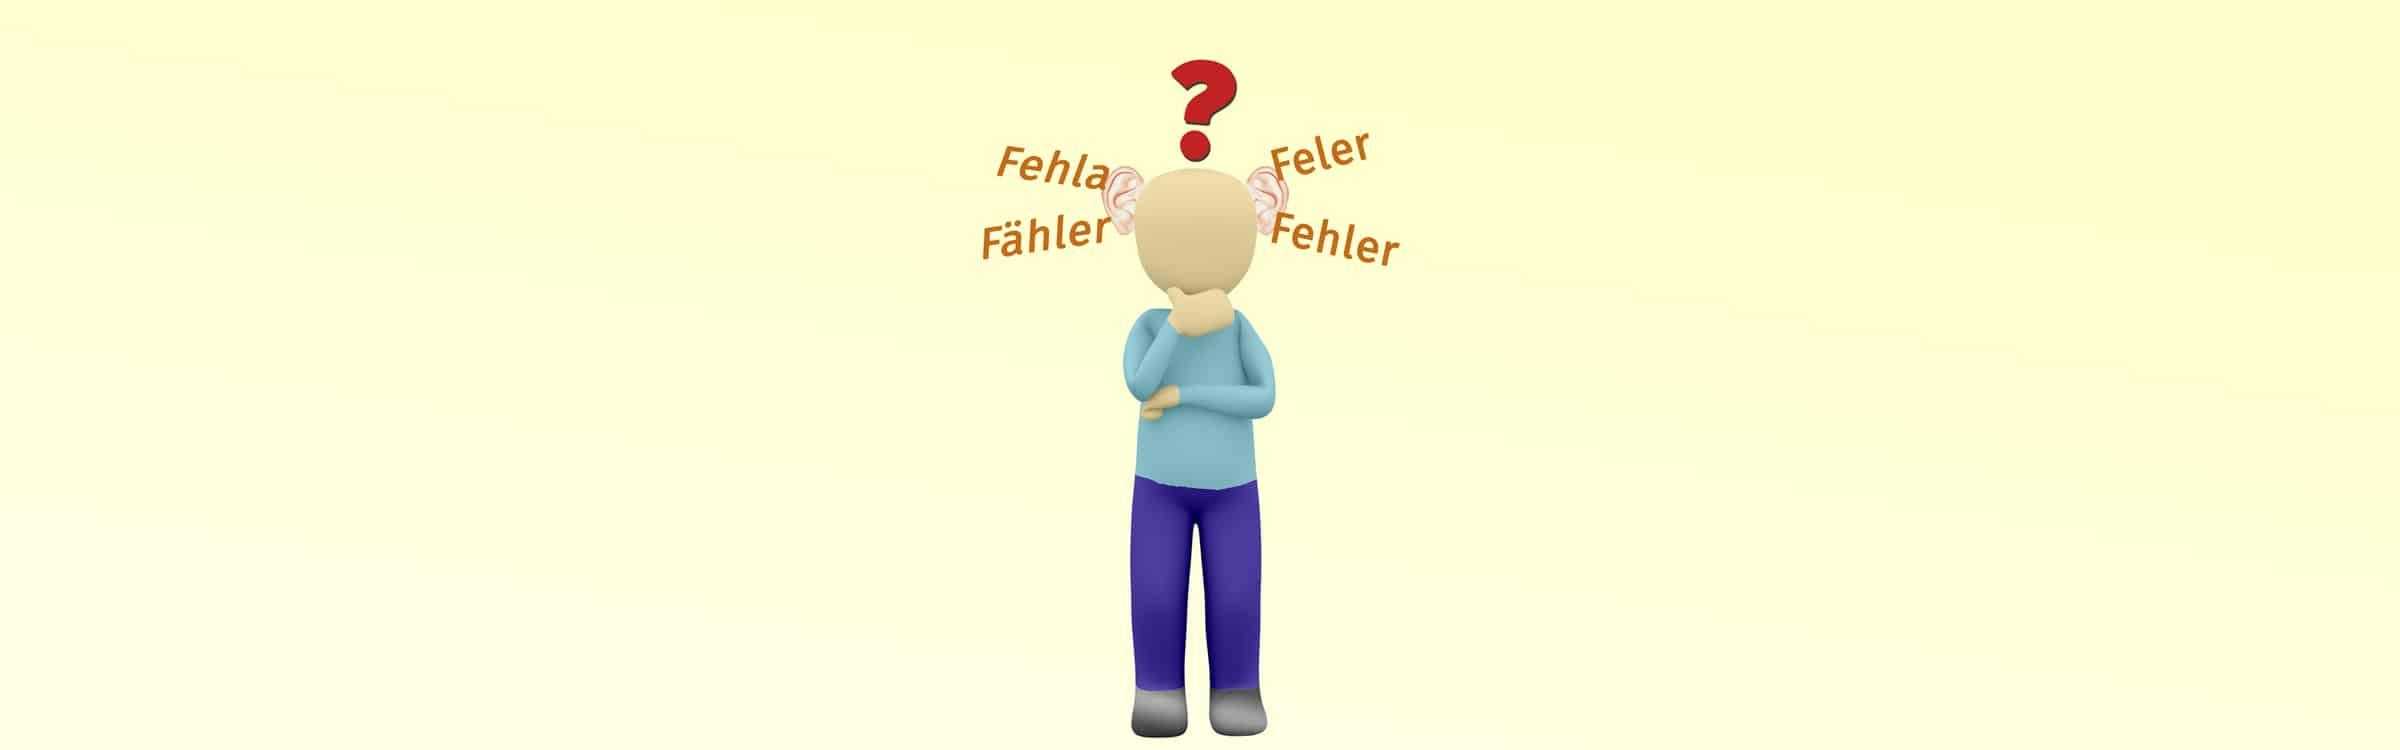 Sichere Rechtschreibung – Warum ist eine visuelle Rechtschreibstrategie sinnvoll?